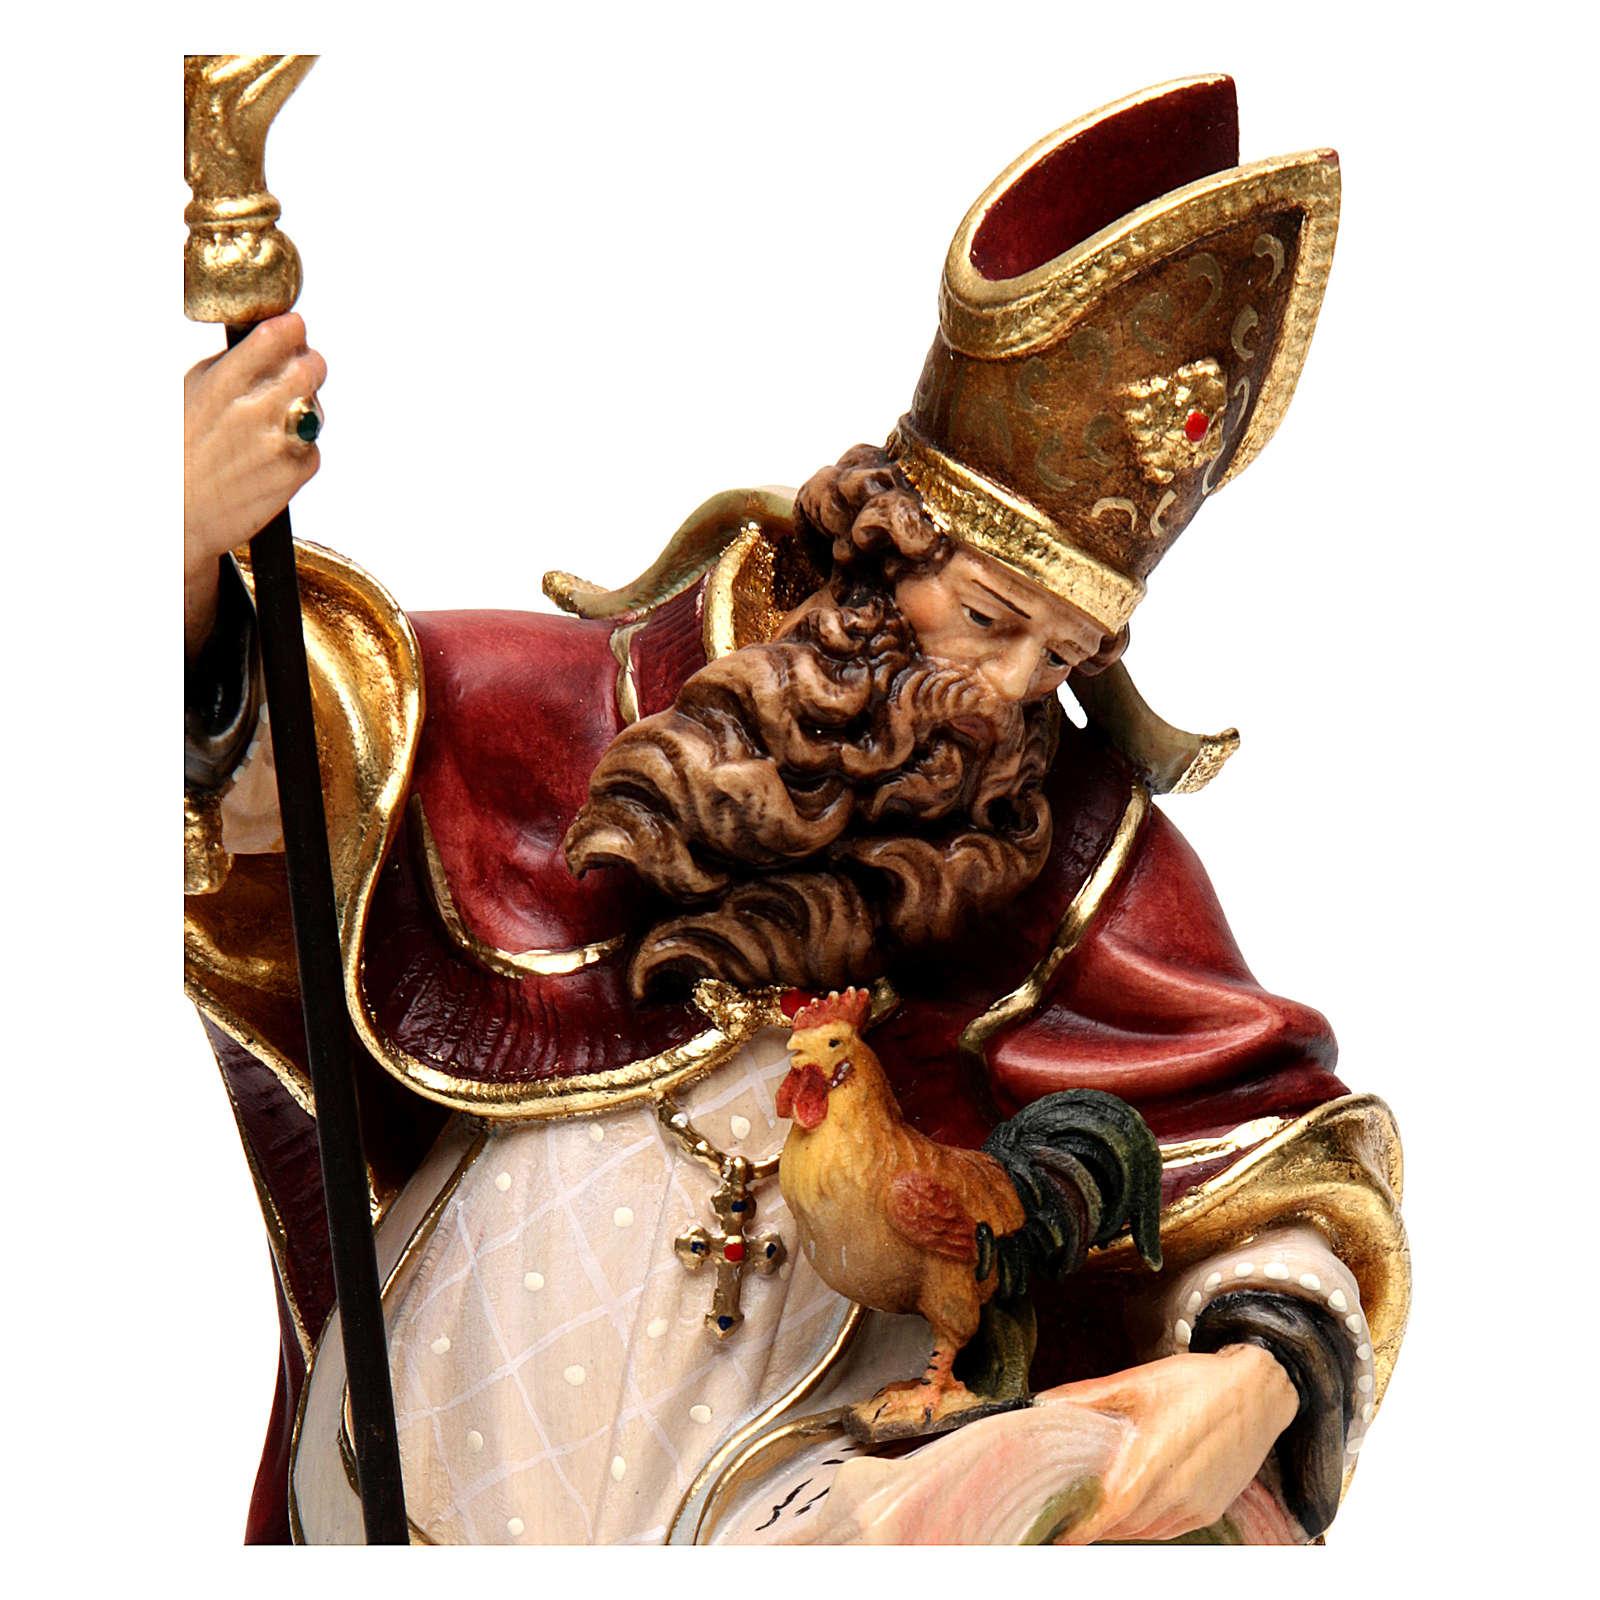 Saint Valentin avec coq bois coloré Val Gardena 4